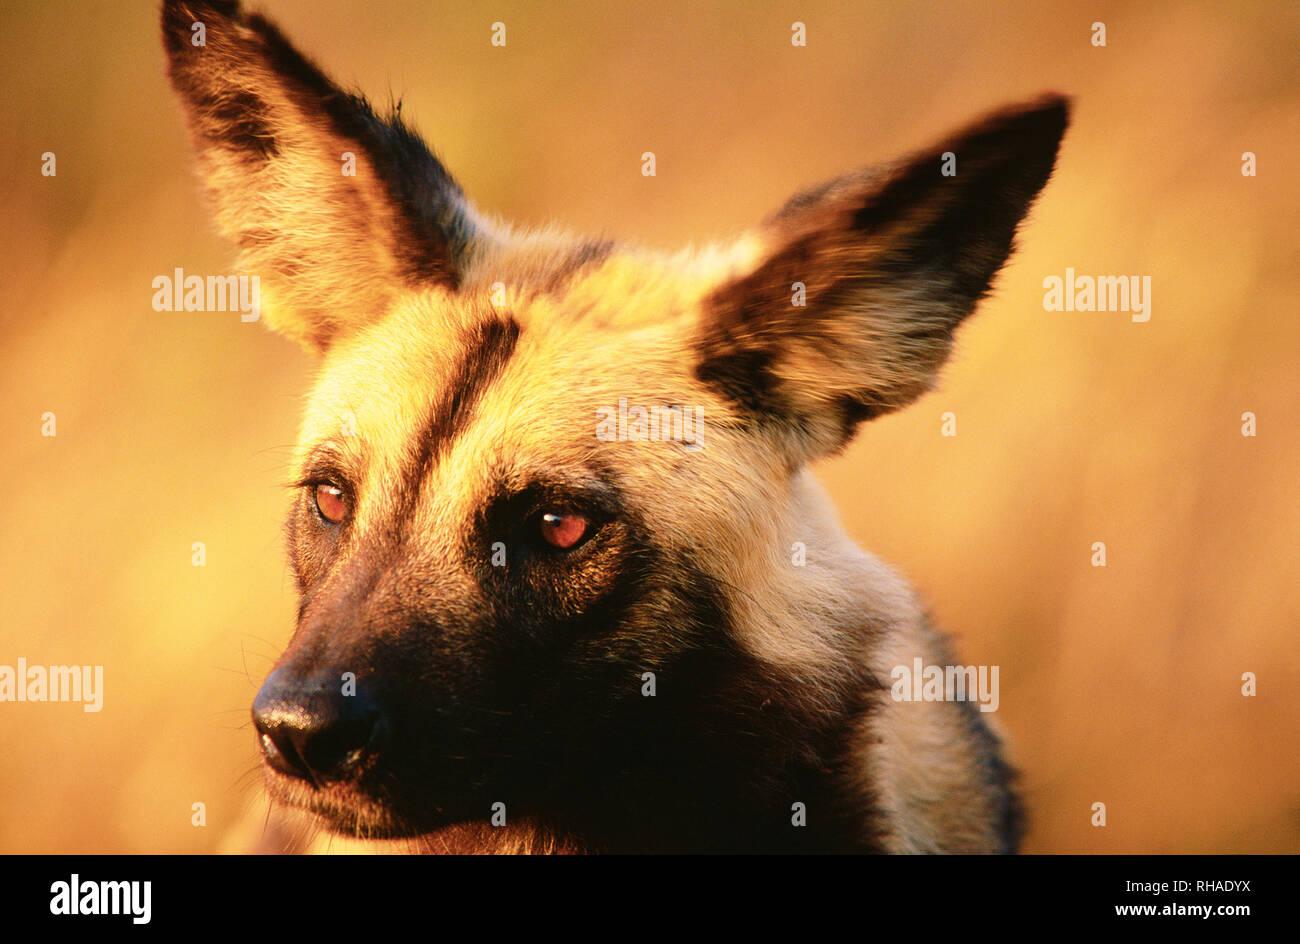 Afrikanischer Wildhund (Lycaon pictus) im Krüger NP in Südafrika - Stock Image